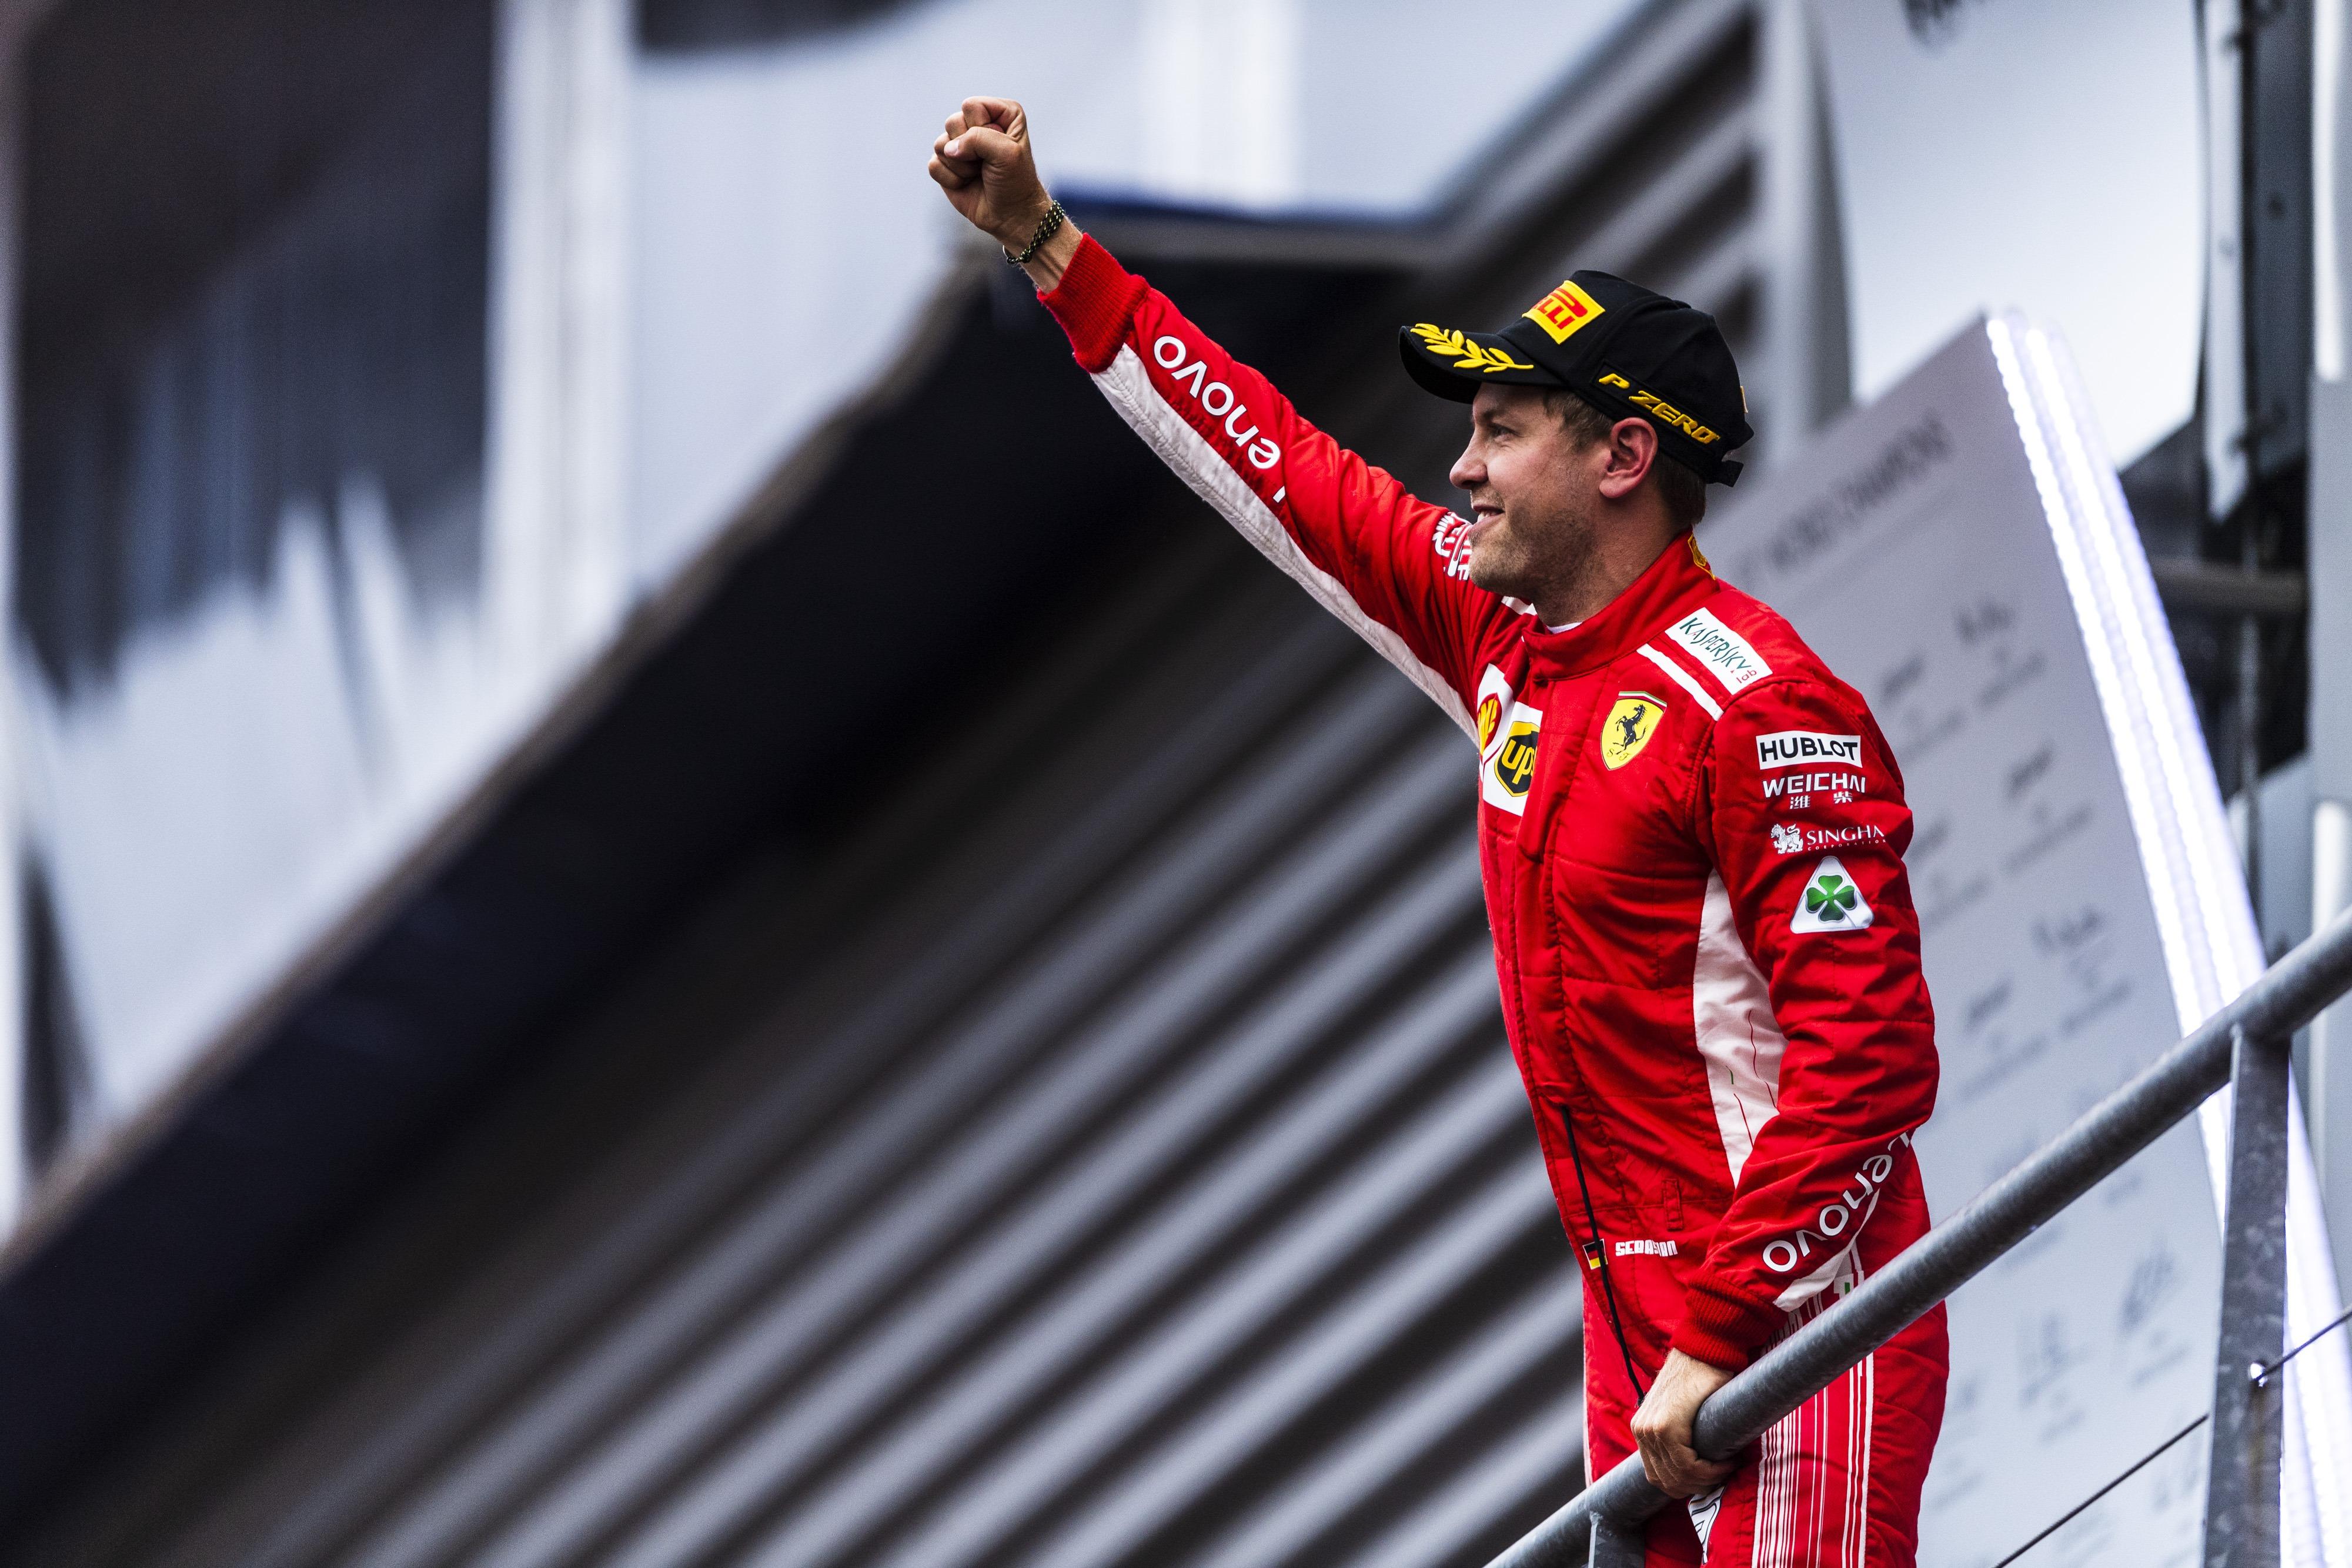 Pagelle Gran Premio del Belgio